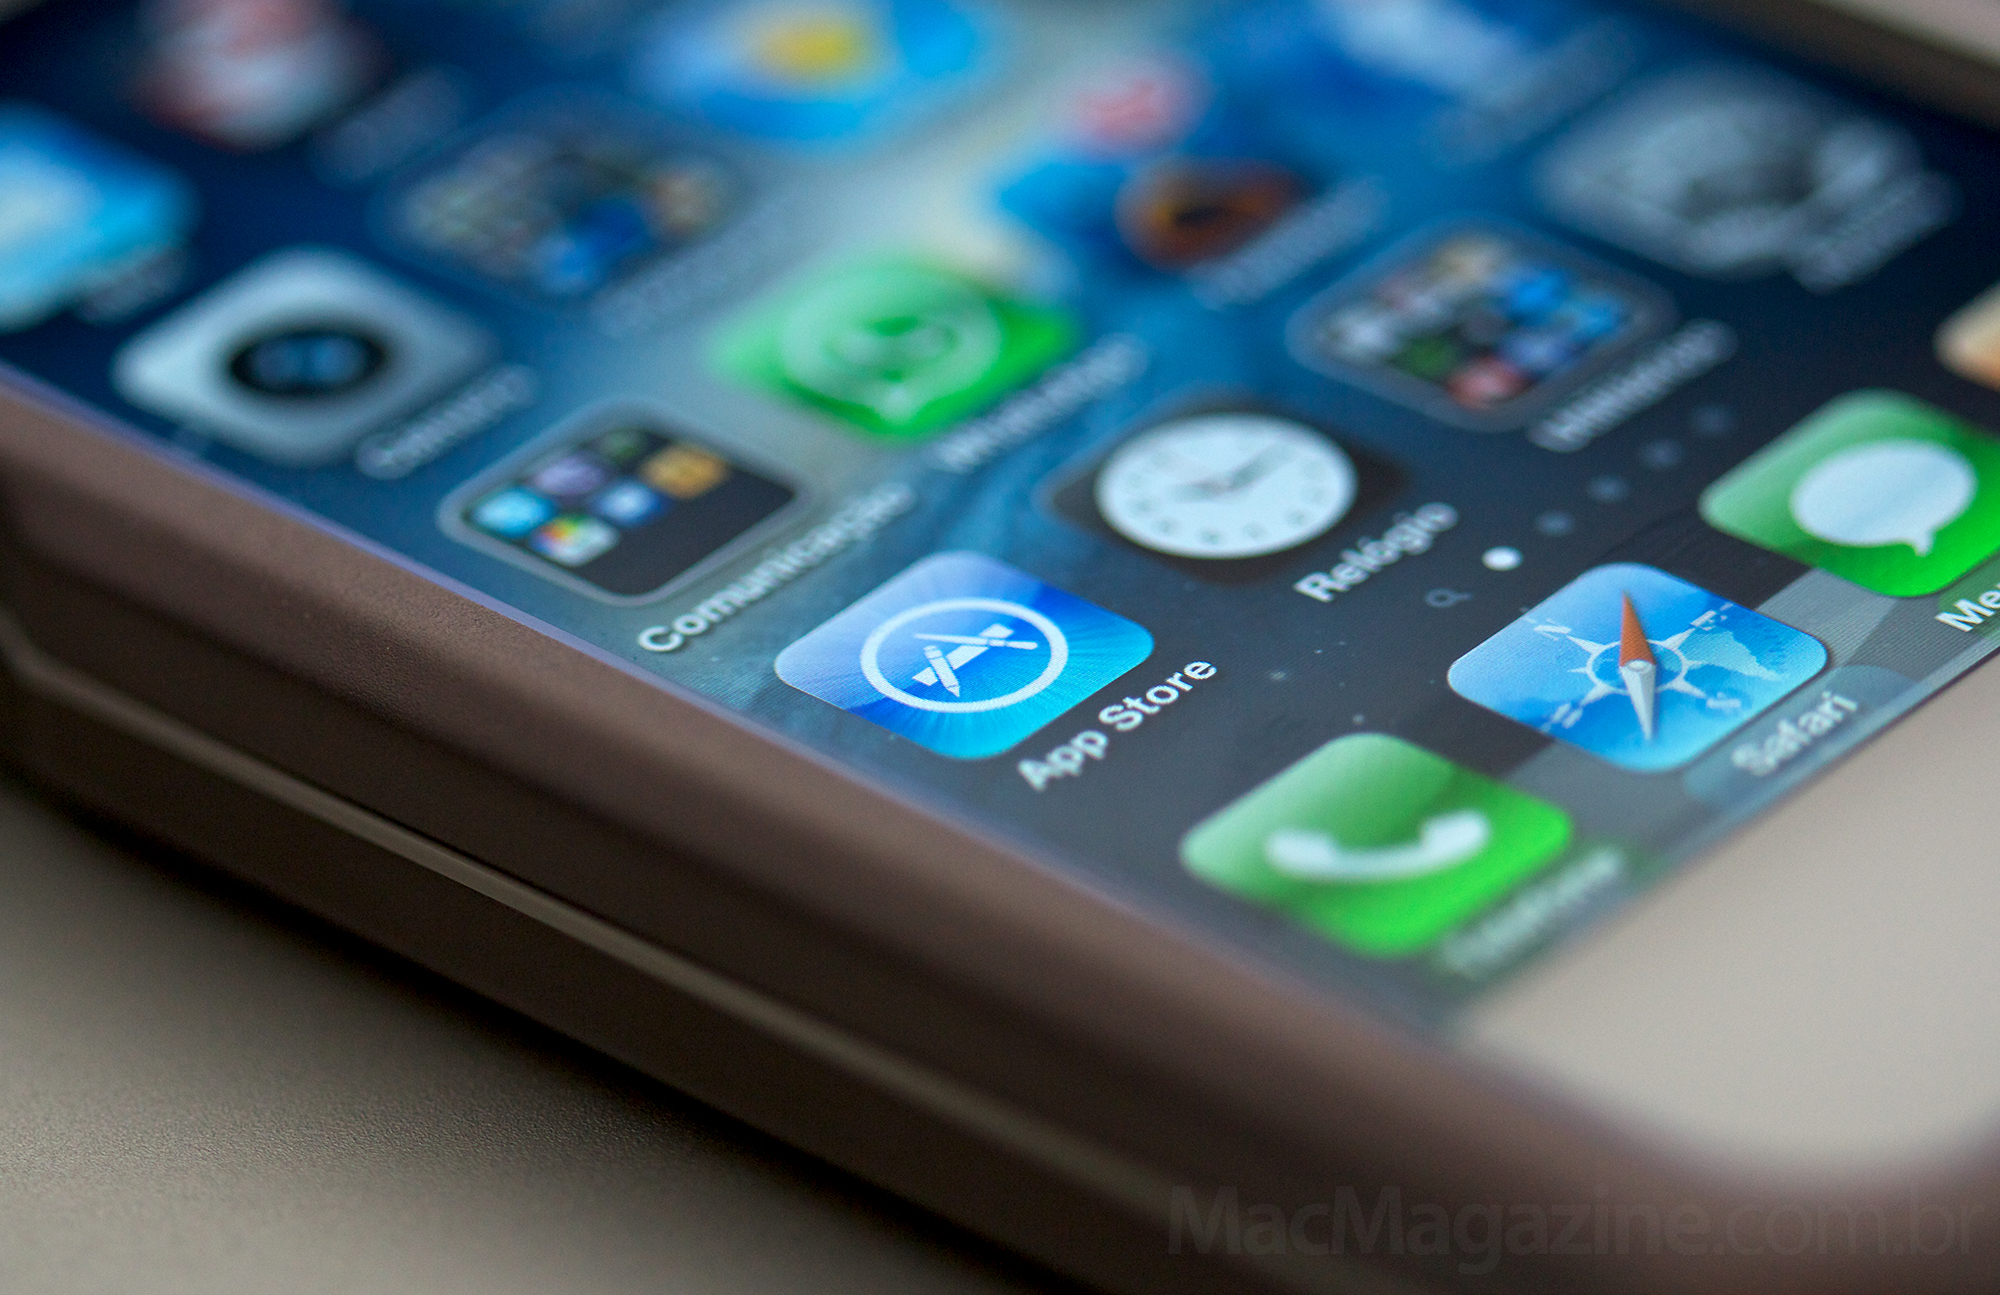 Ícone da App Store num iPhone em close - by MacMagazine